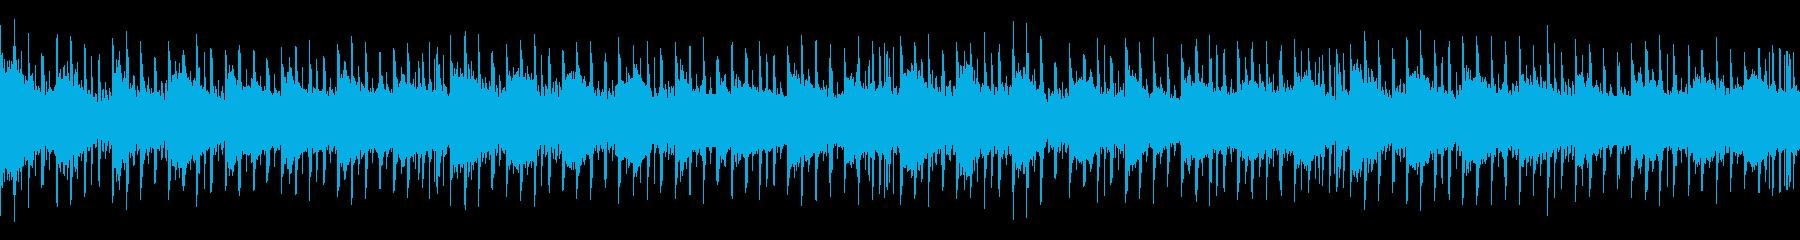 無機質で懐かしいSF風のシンセウェーブの再生済みの波形